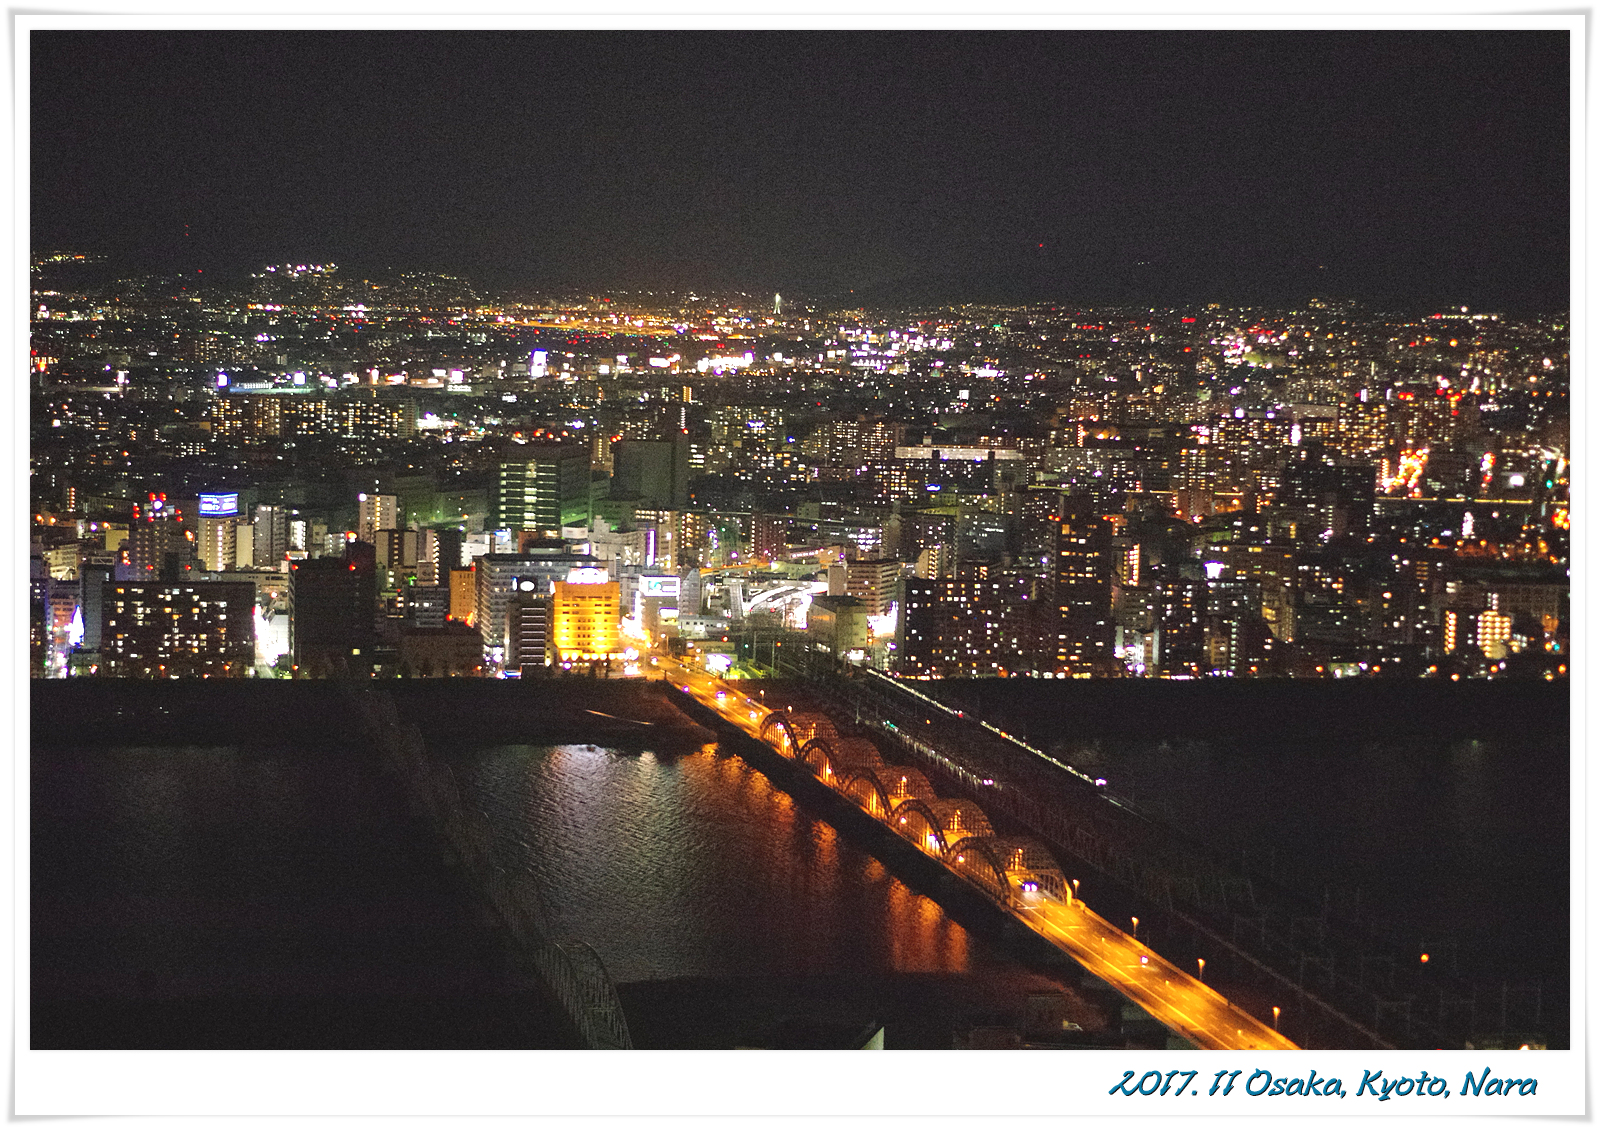 오사카 밤풍경